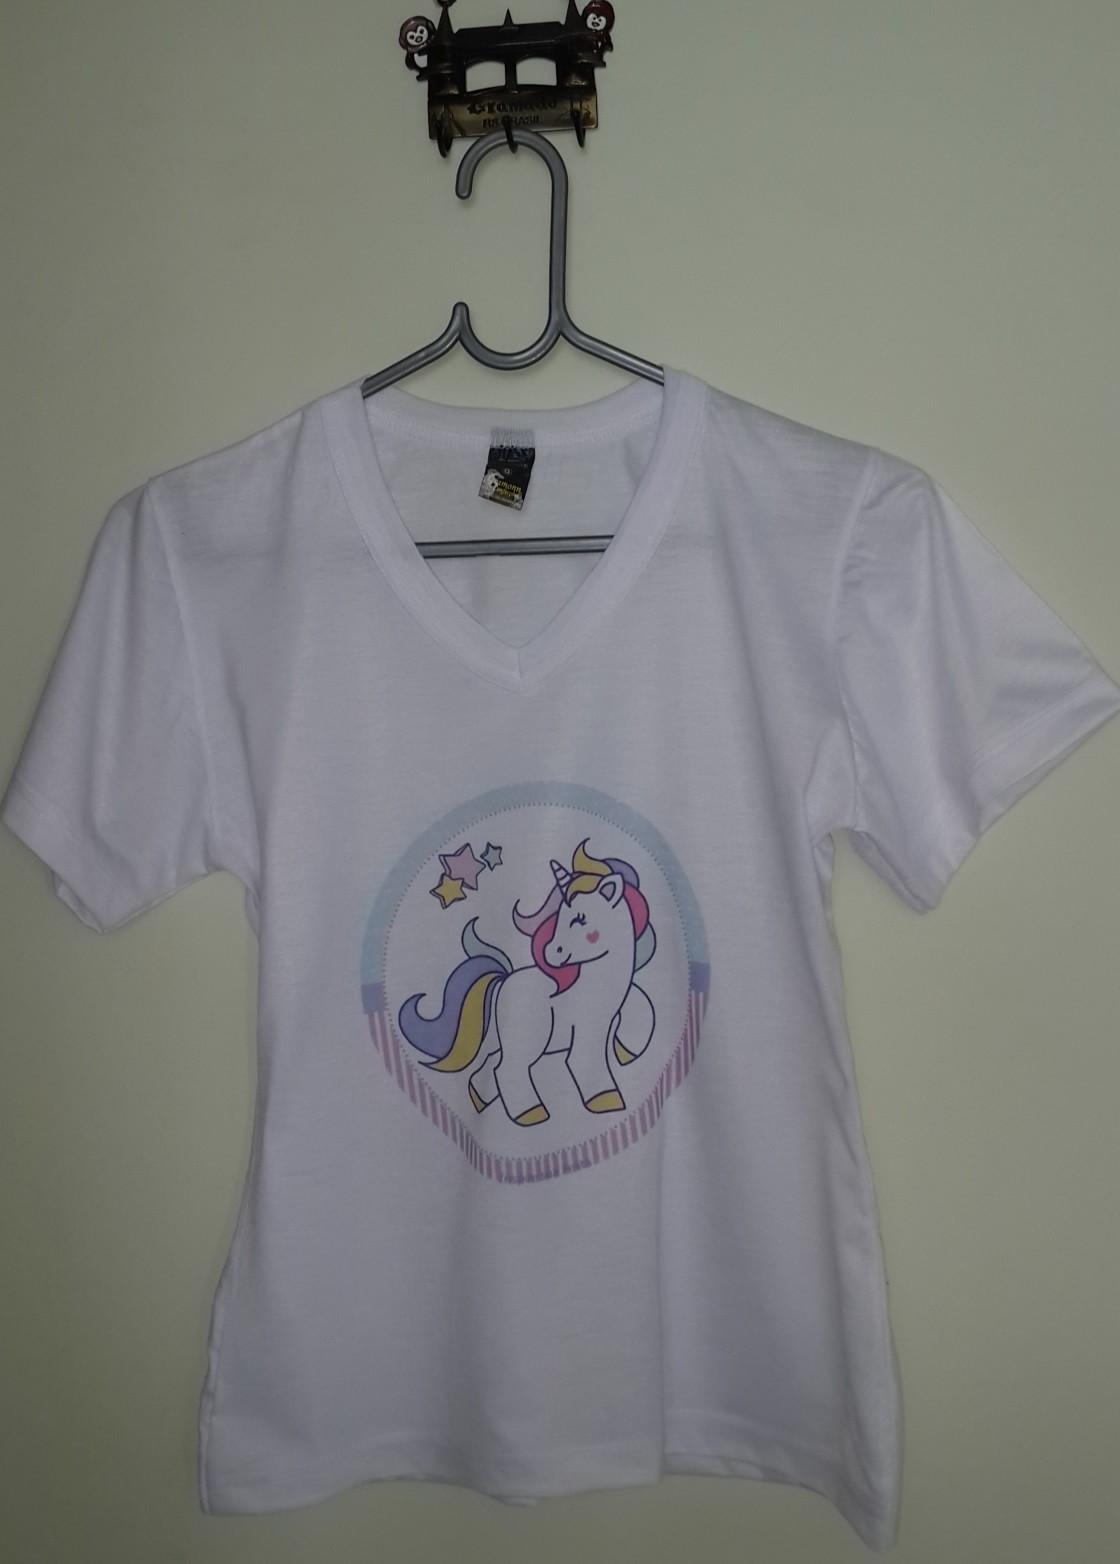 Camiseta Unicórnio - Infantil (estampa Redonda) no Elo7  0c623c7461a92